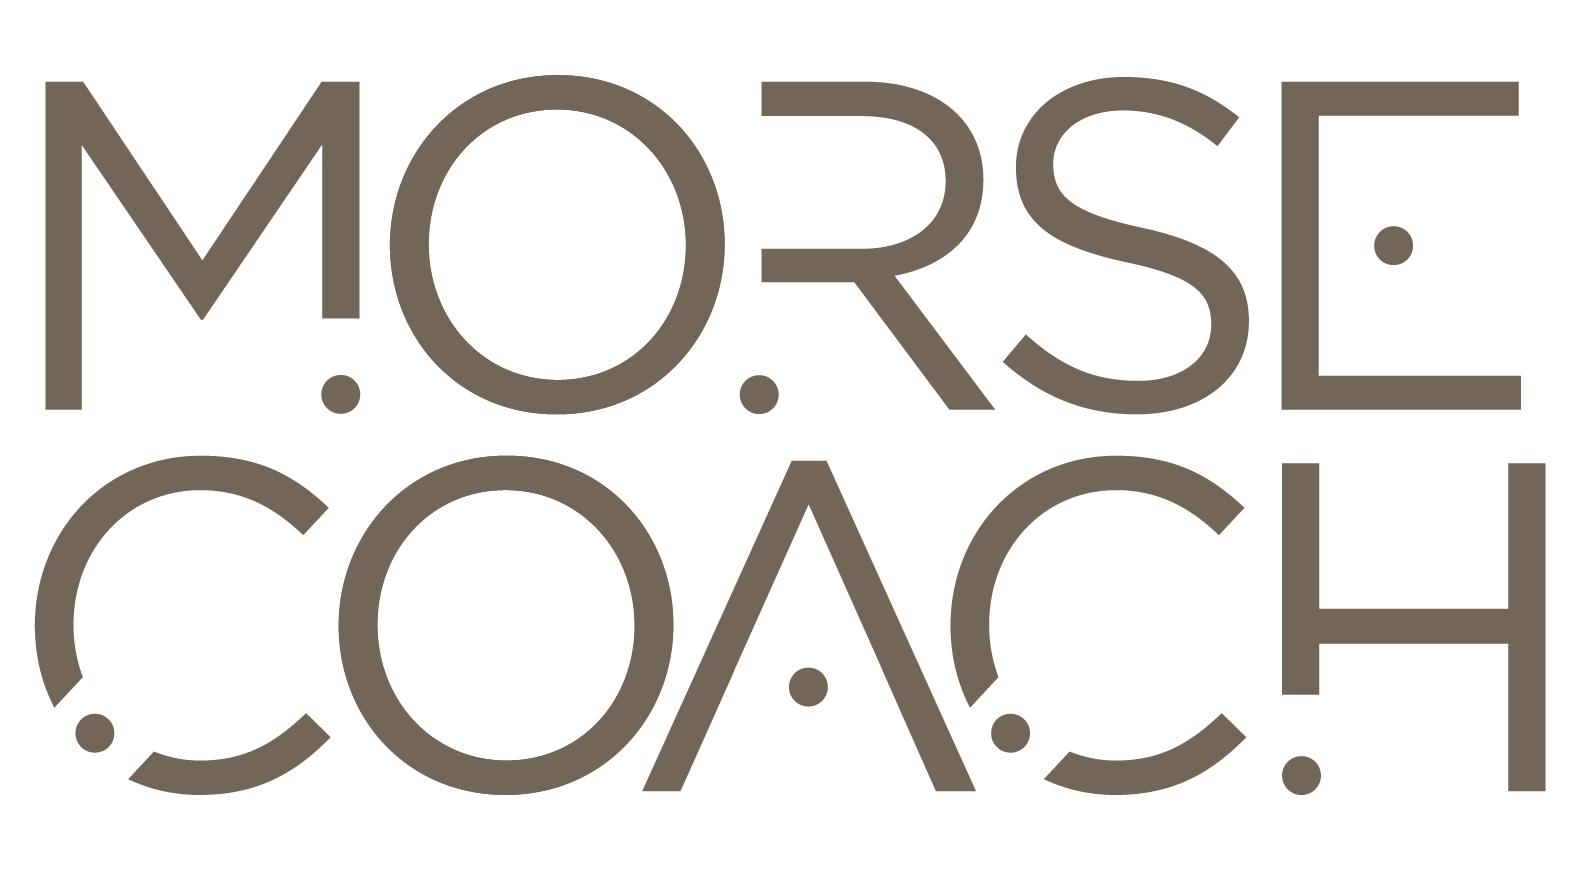 MORSE COACH